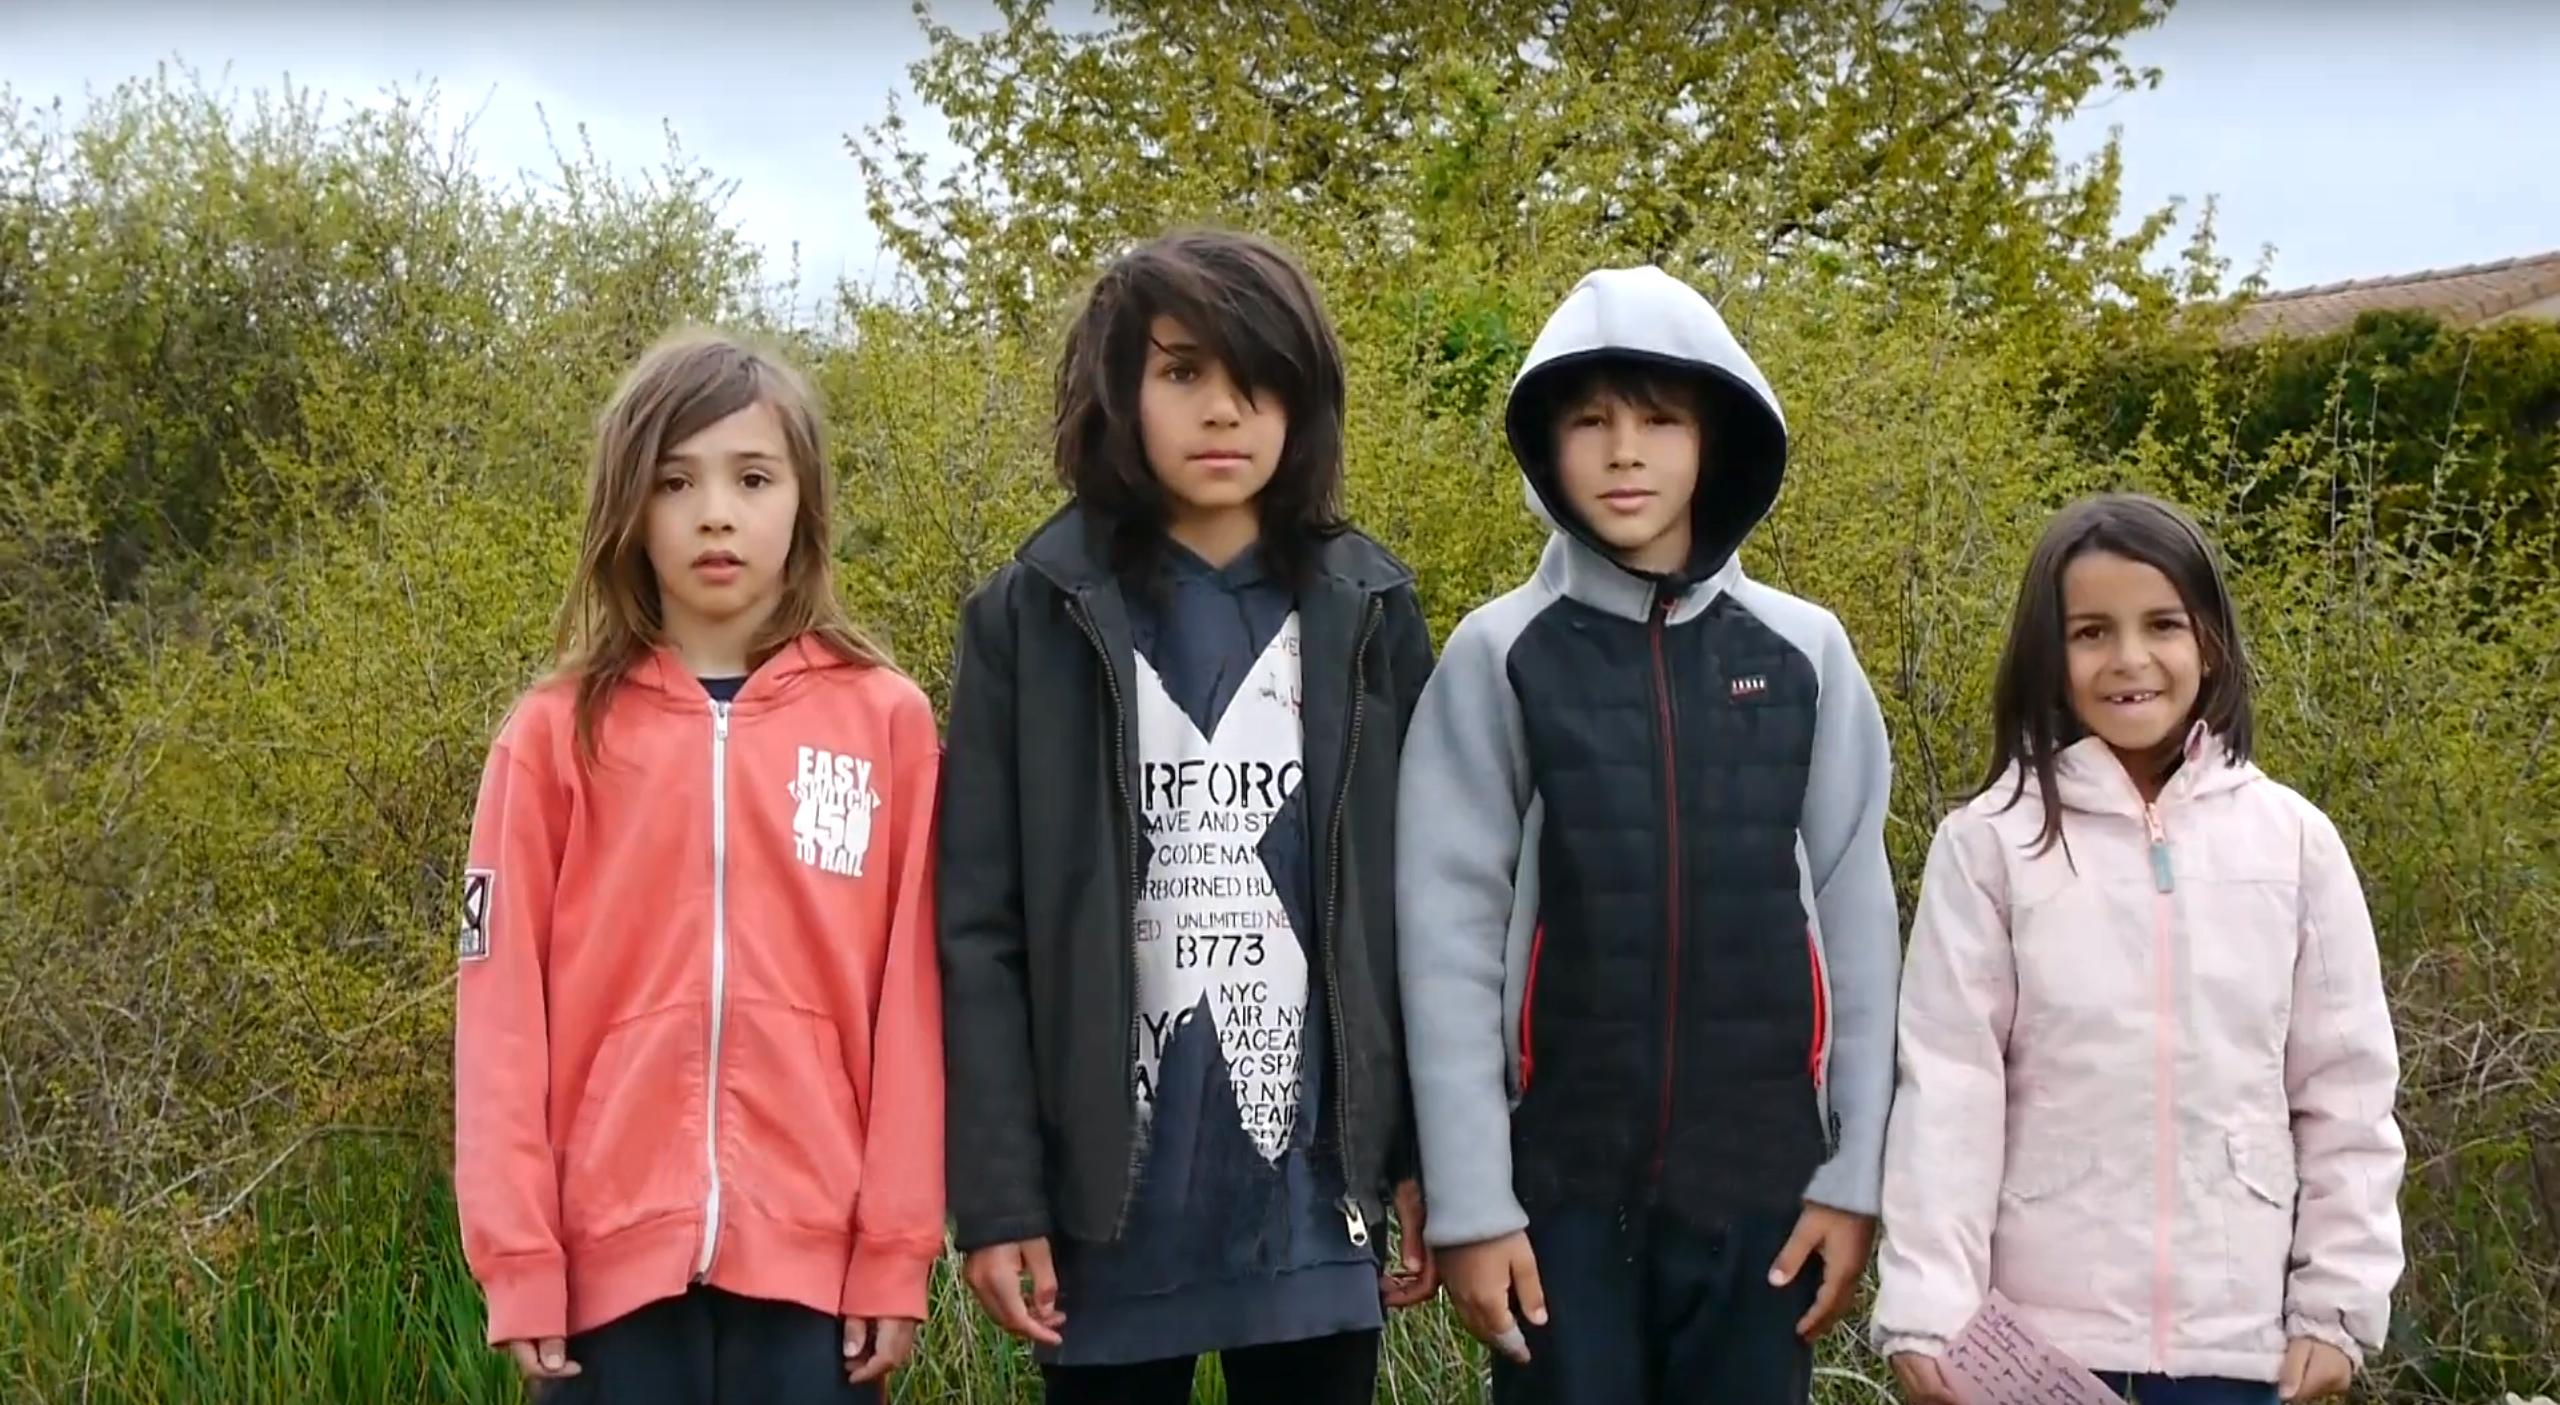 Lilo, Timothé, Gaëtan et Clémentine. Photo : DR